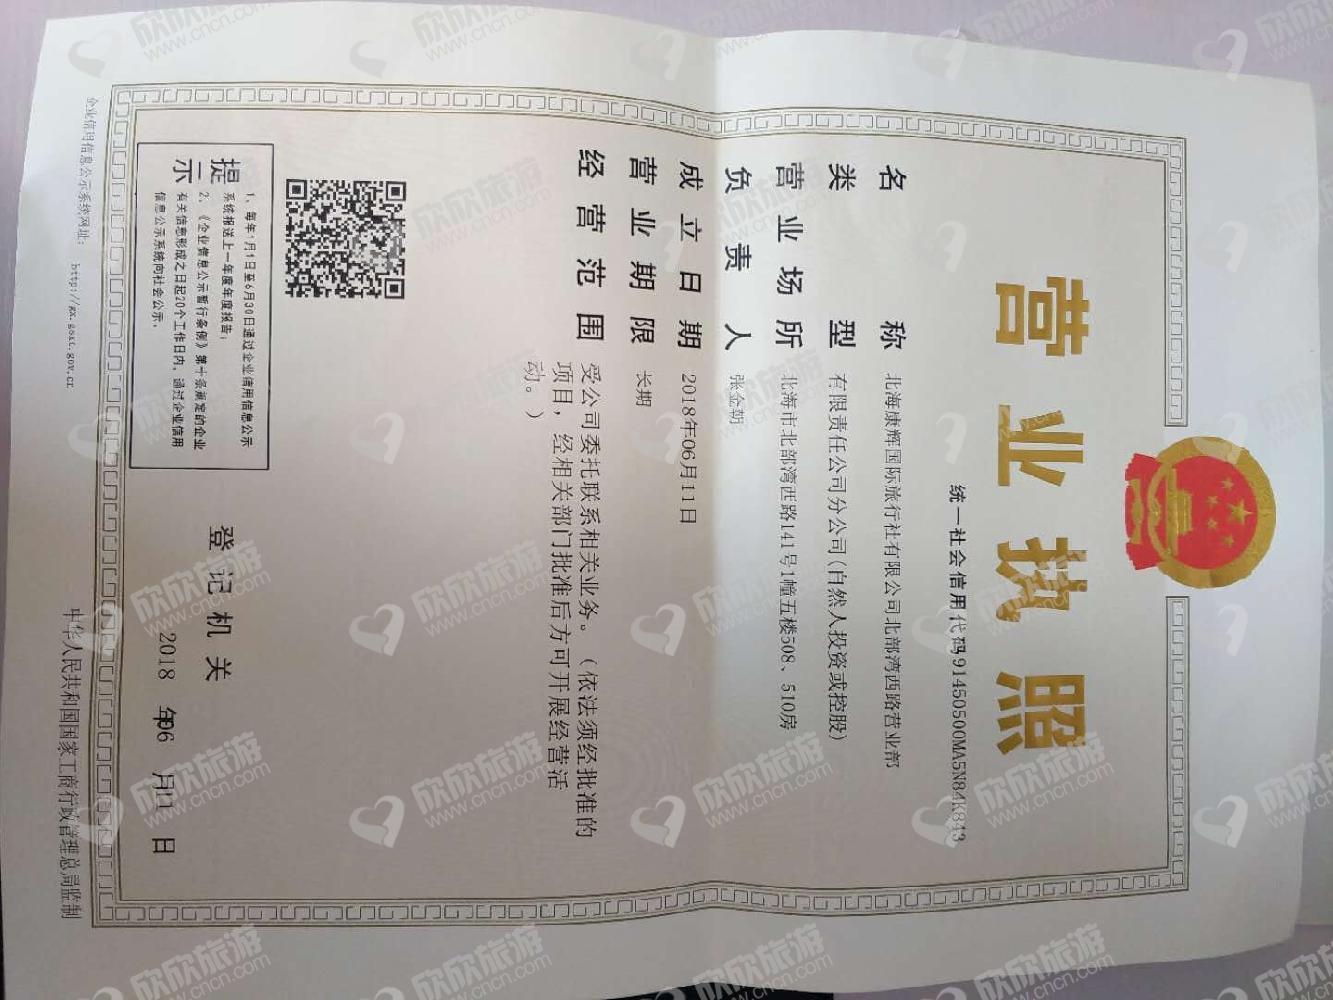 北海康辉国际旅行社有限公司北部湾西路营业部营业执照